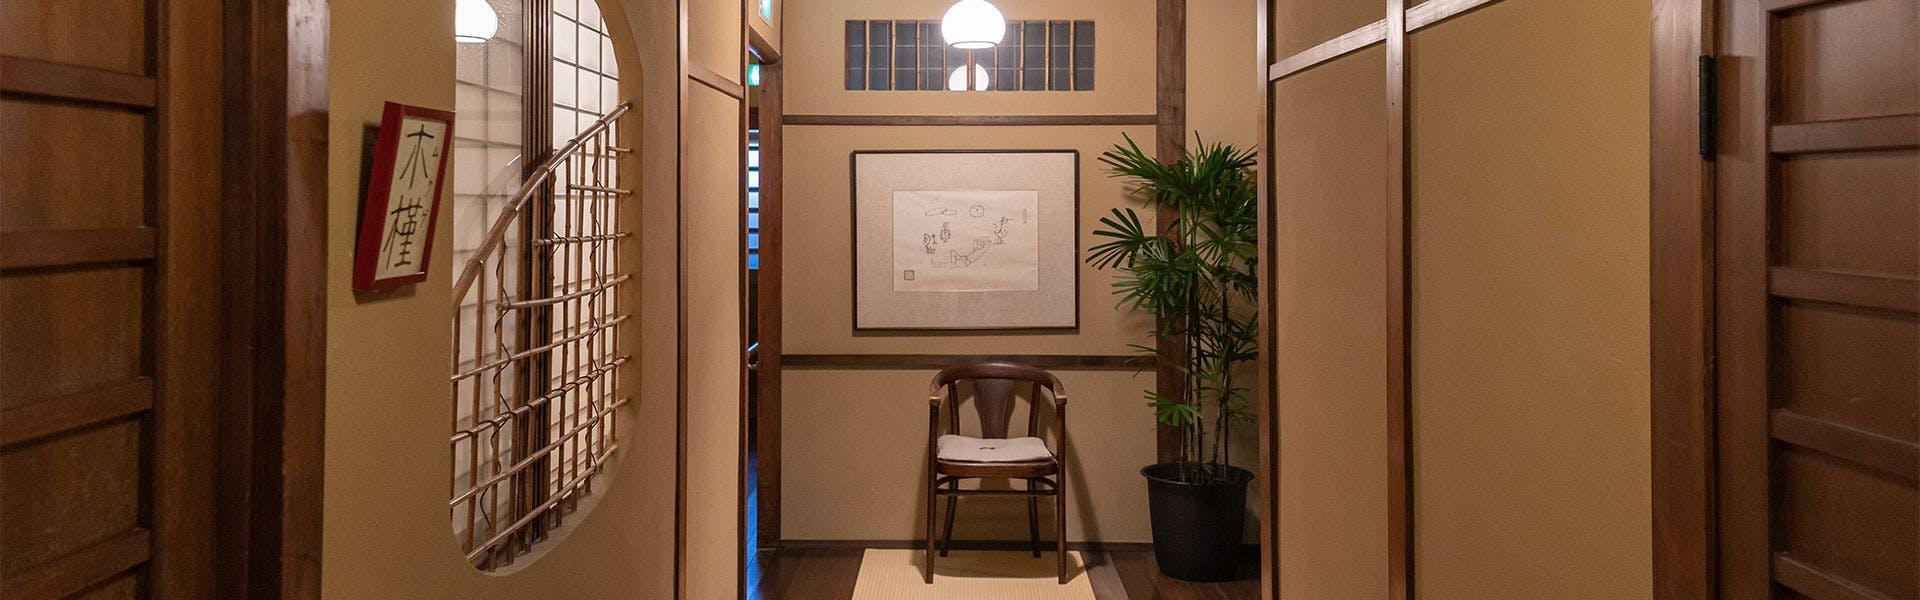 記念日におすすめのホテル・ホテル花小宿の写真2